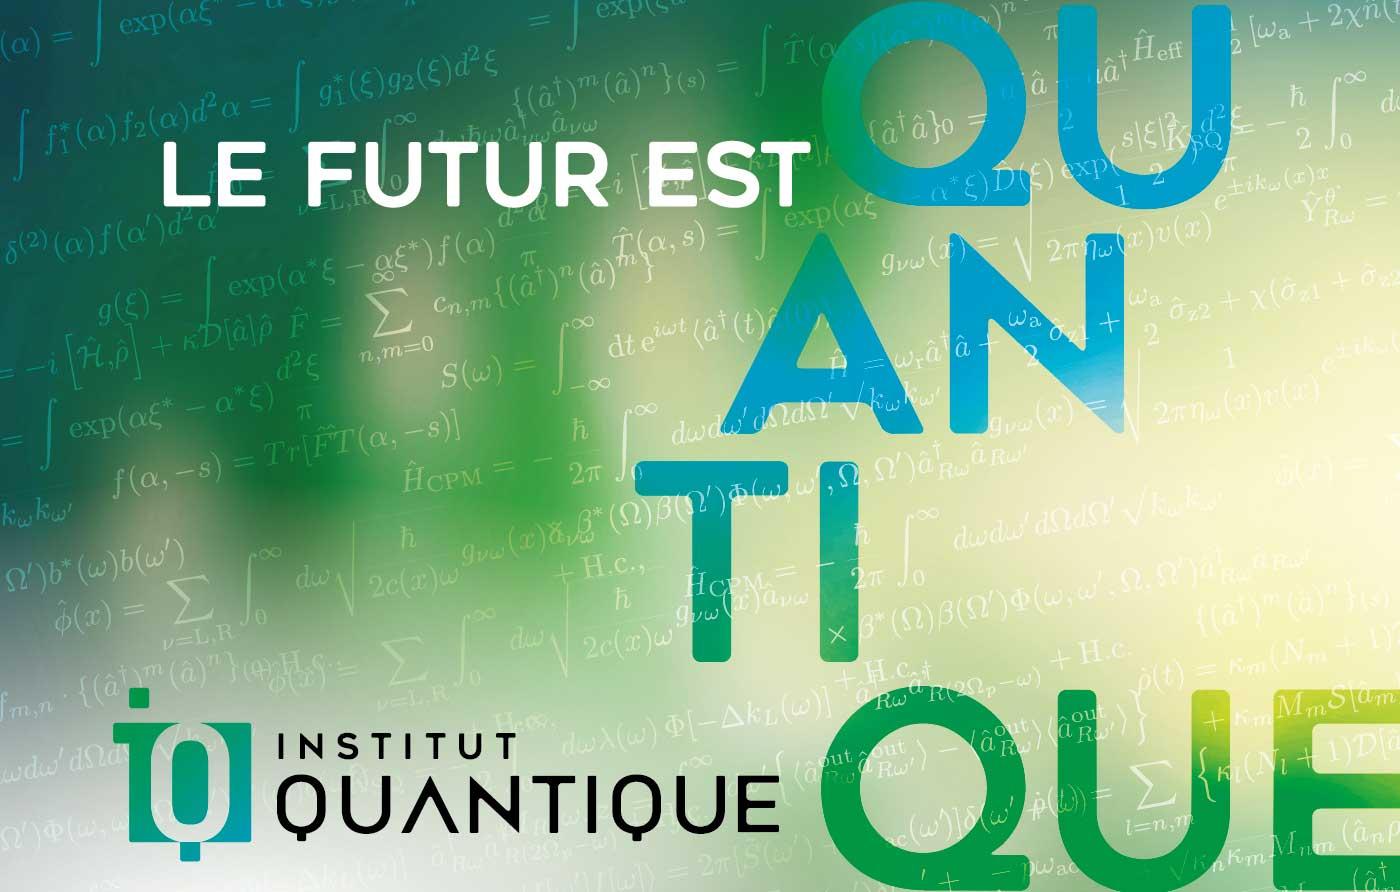 Institut quantique de l'Université de Sherbrooke